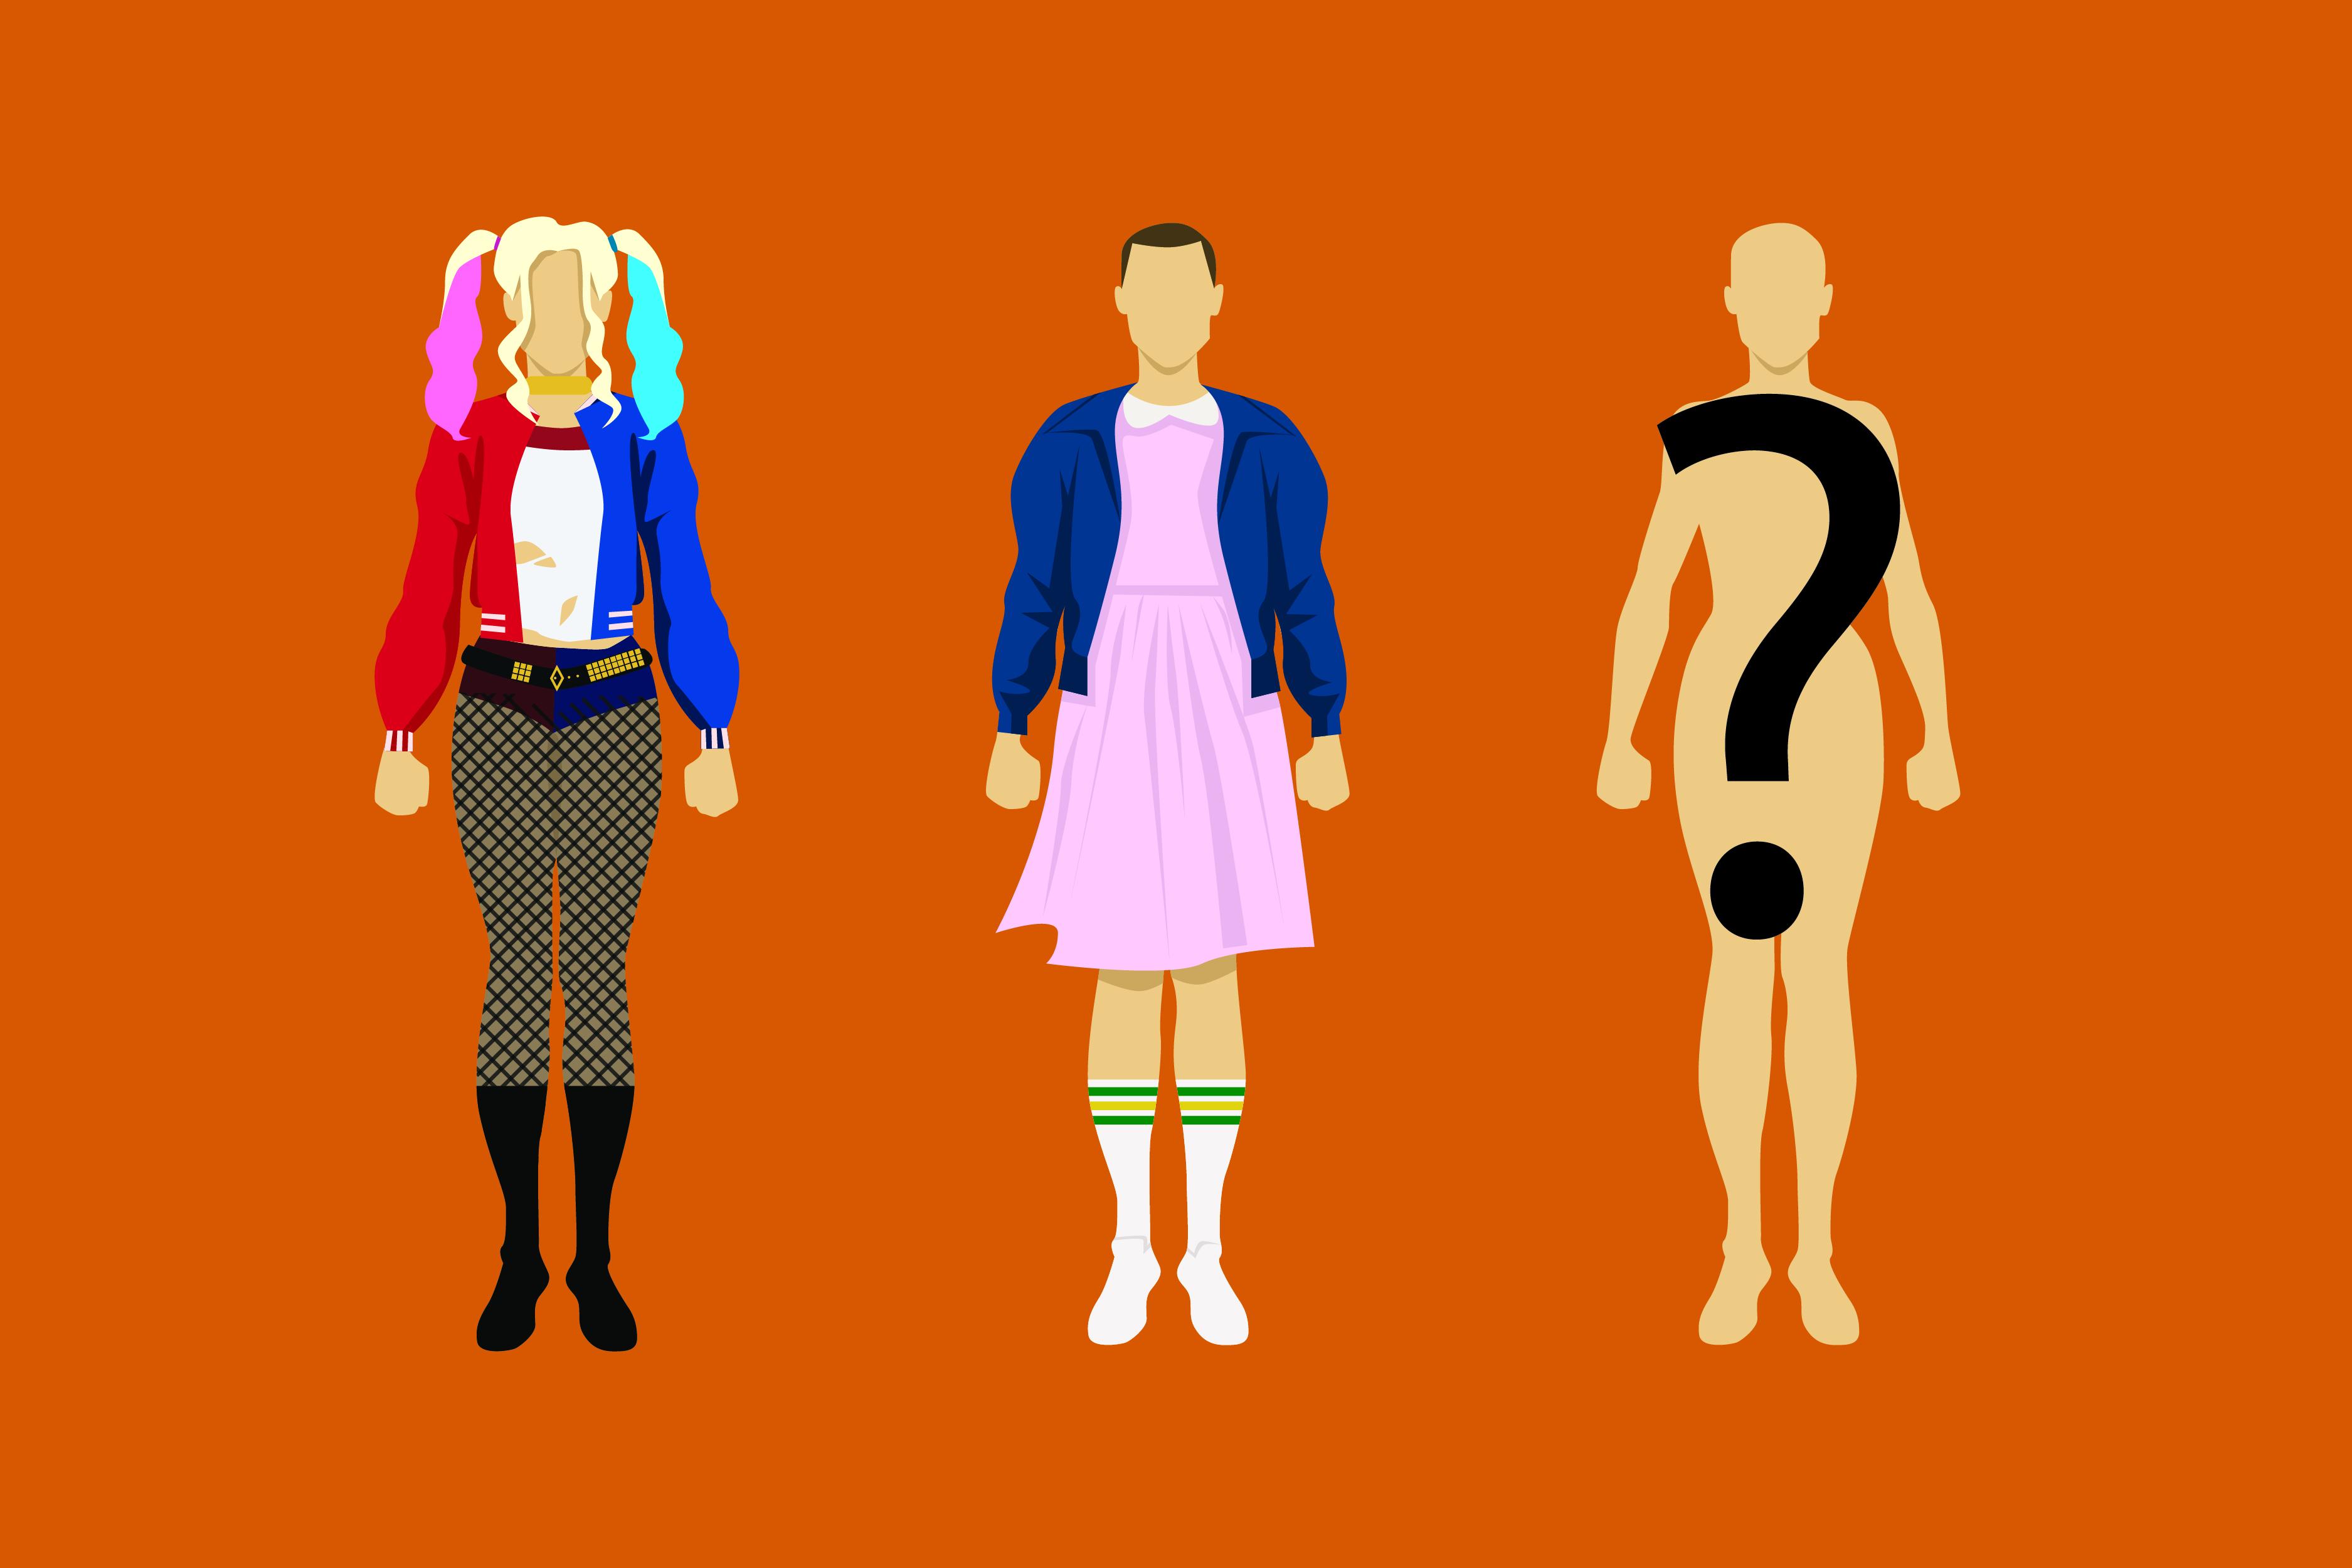 2018's trendy costumes